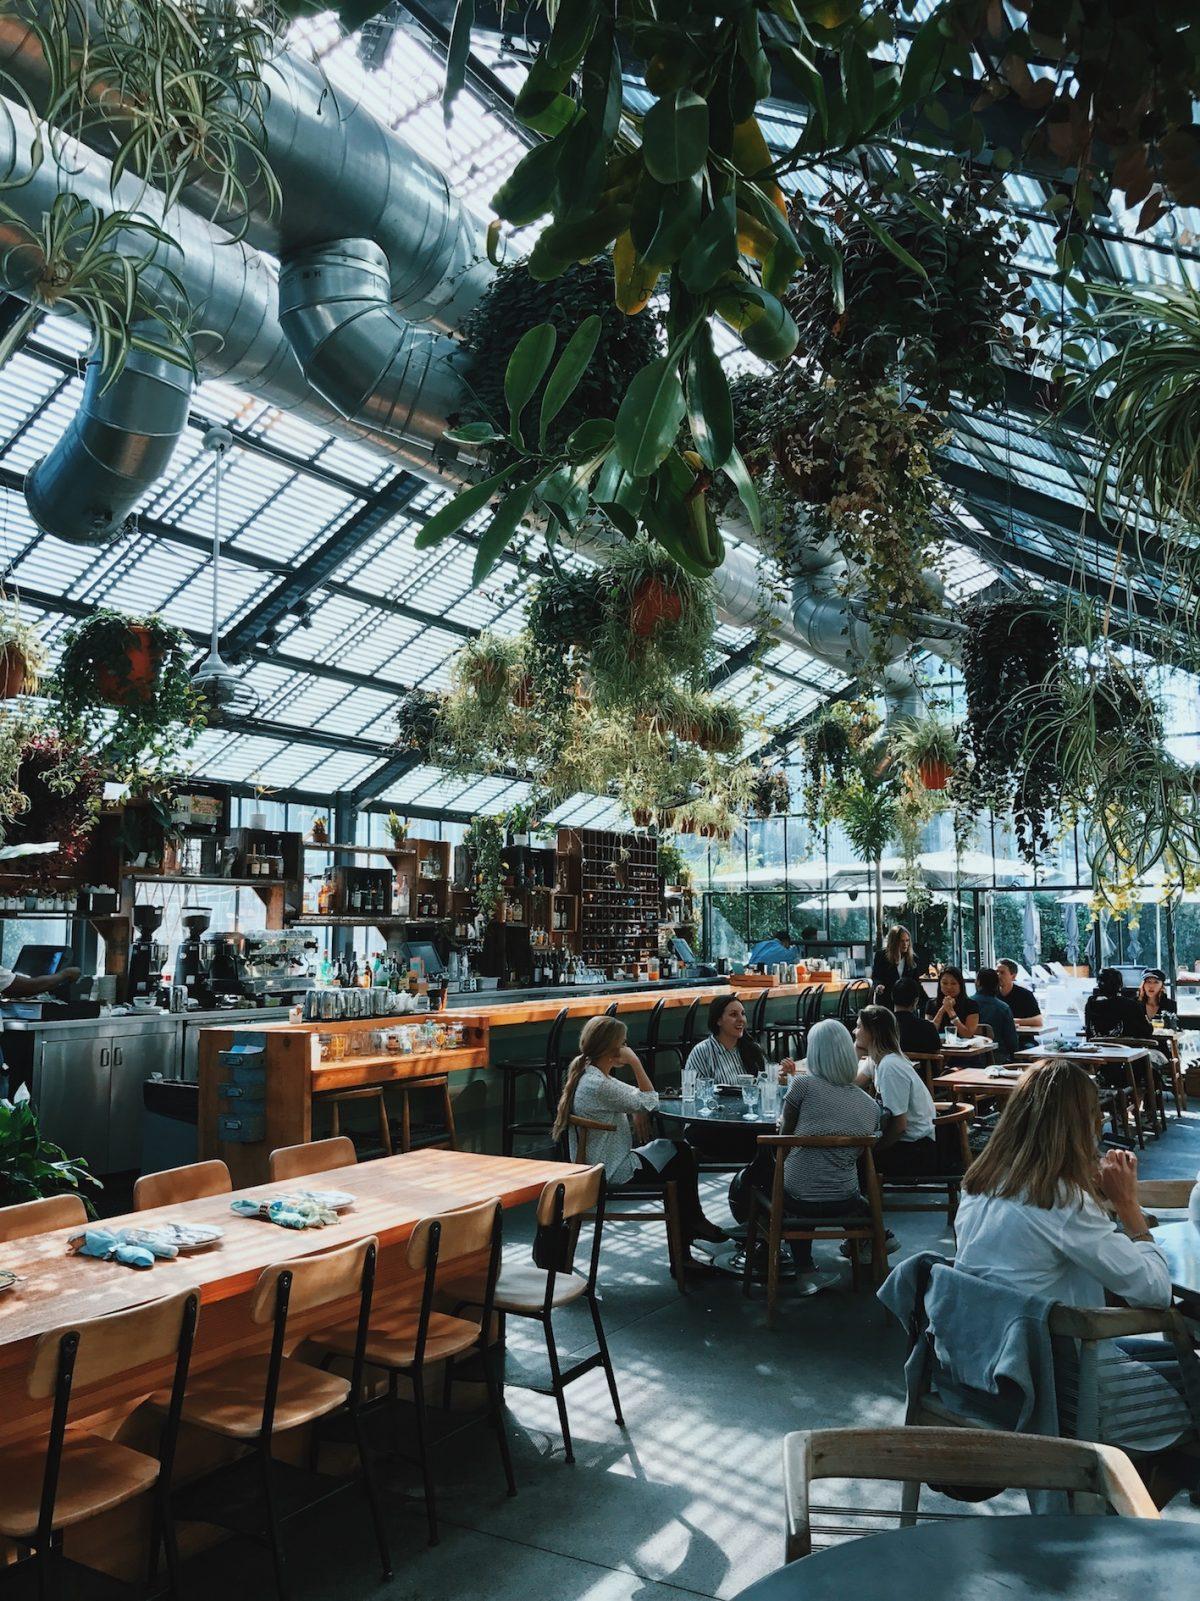 Användarvänlig energikälla för cafe och restaurang